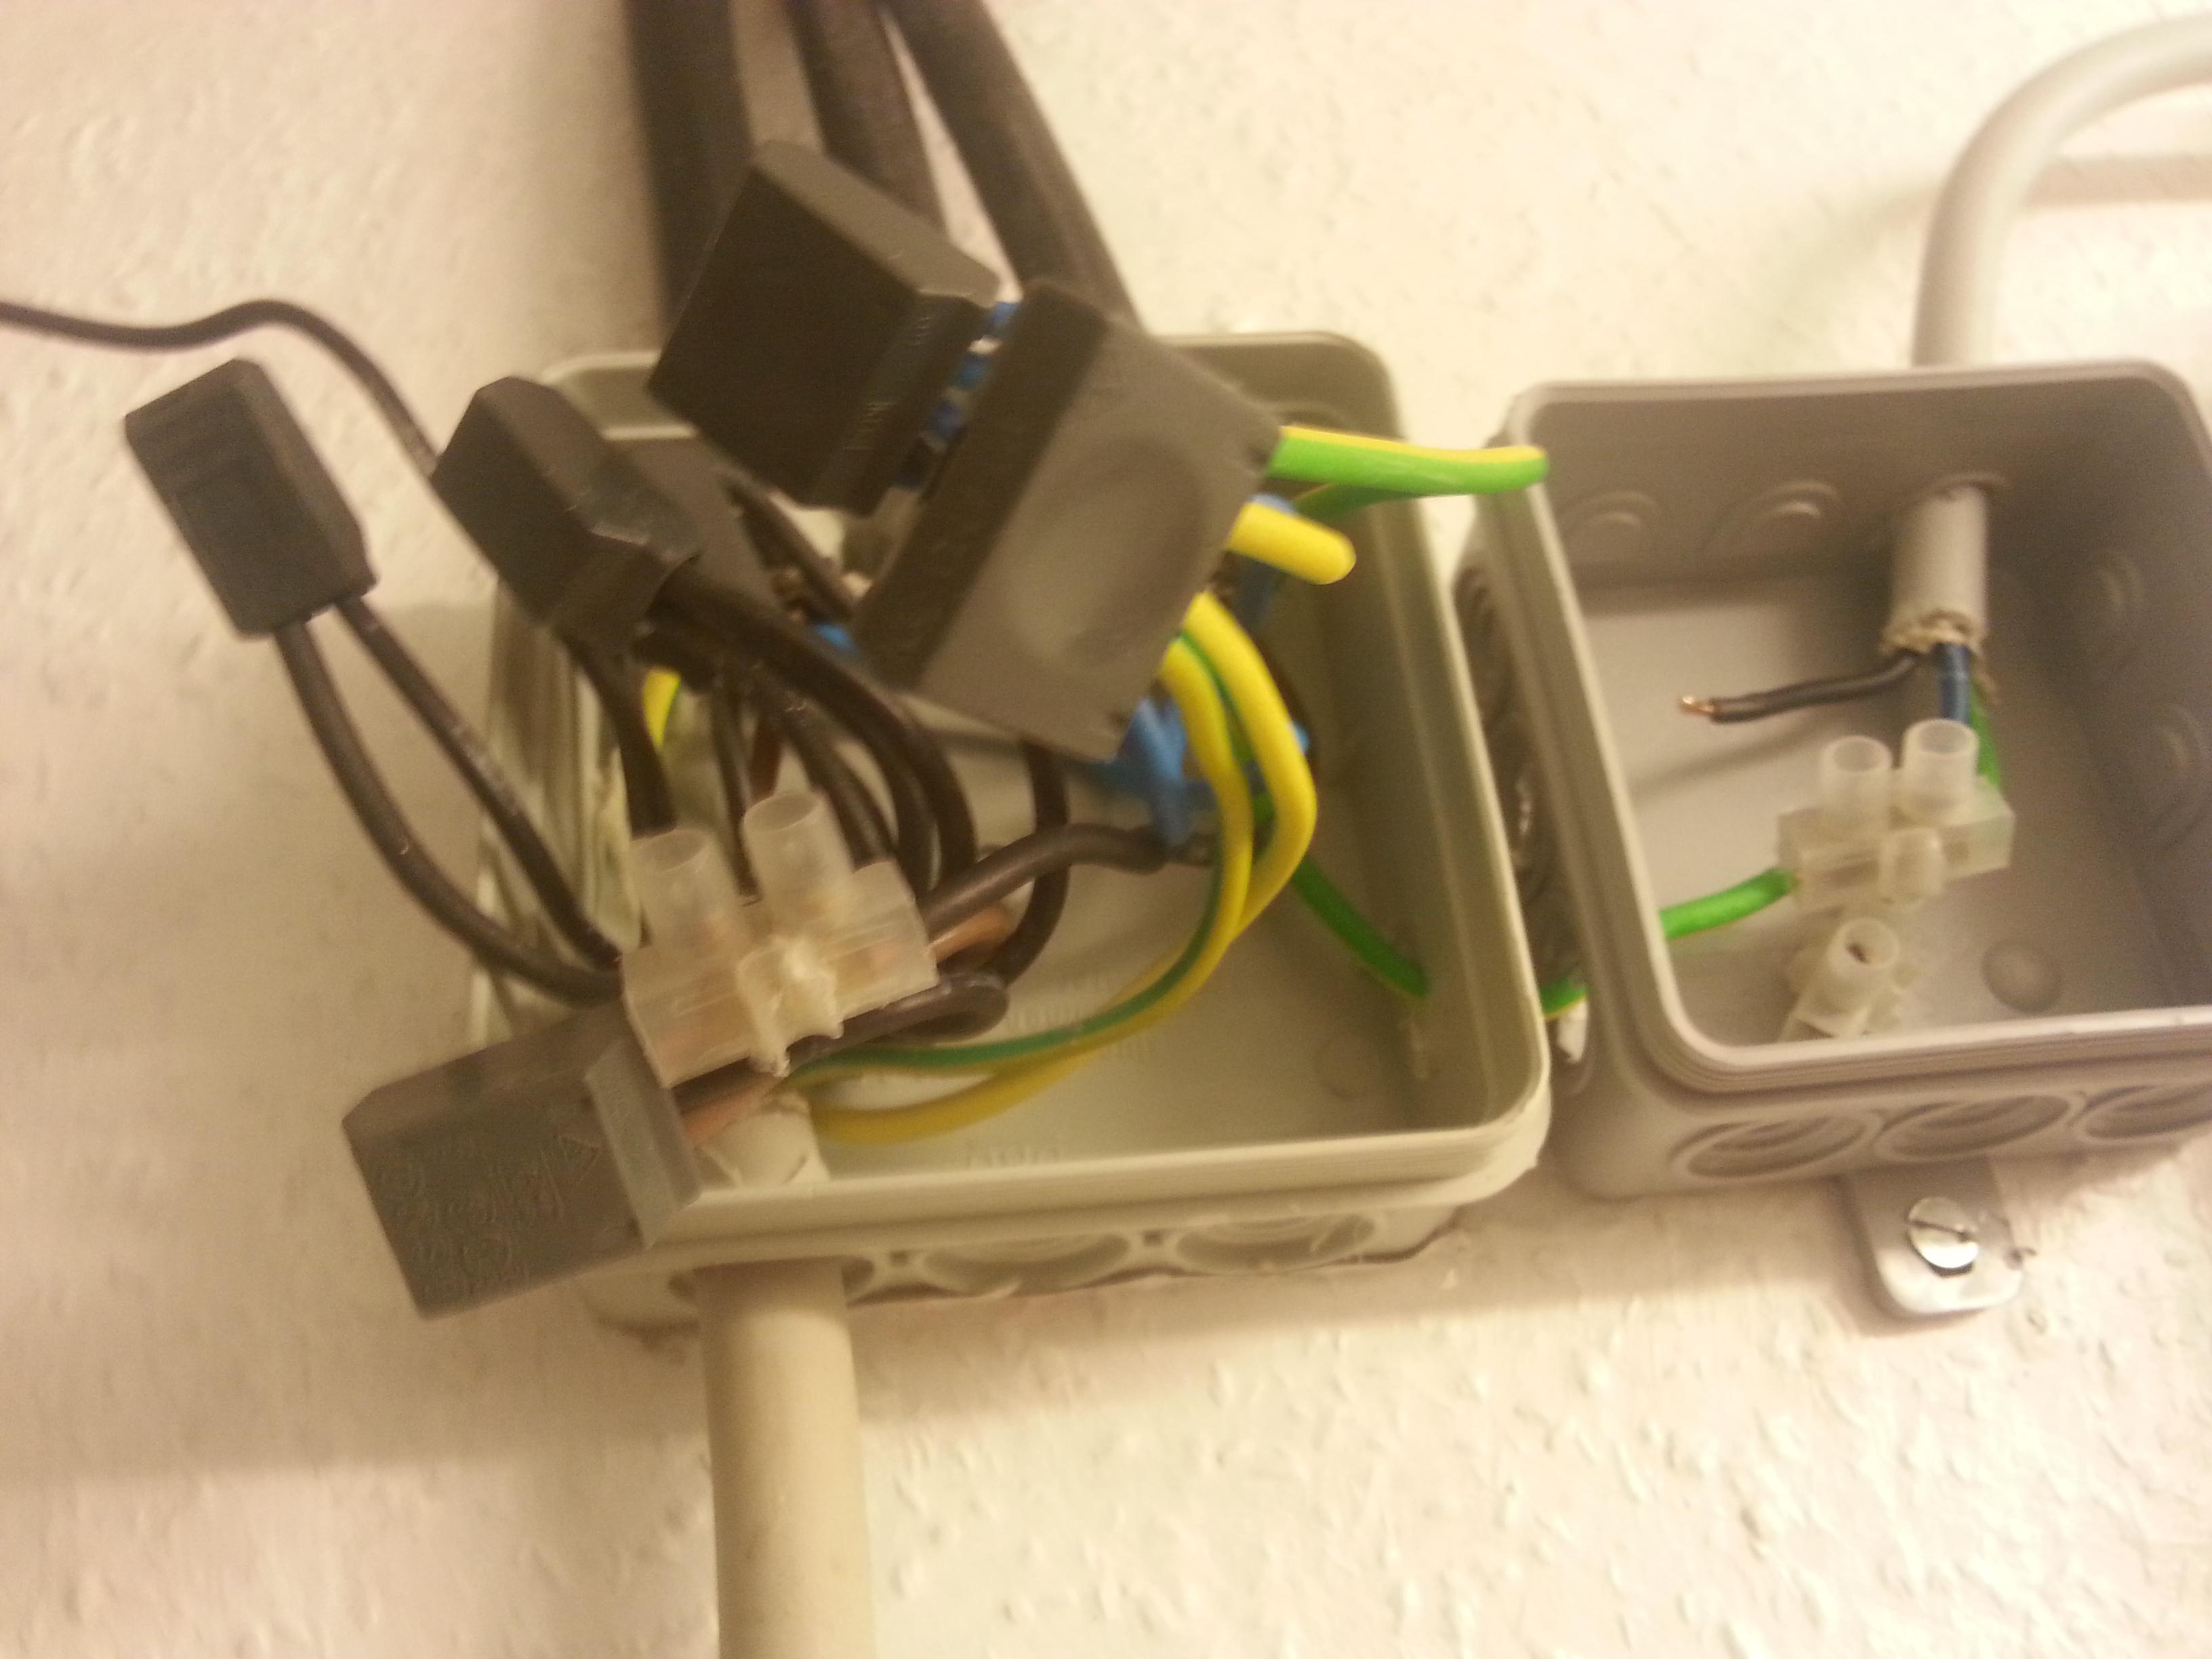 komsiches kabelsystem wie zweige ich da kabel fuer meine steckdose ab. Black Bedroom Furniture Sets. Home Design Ideas